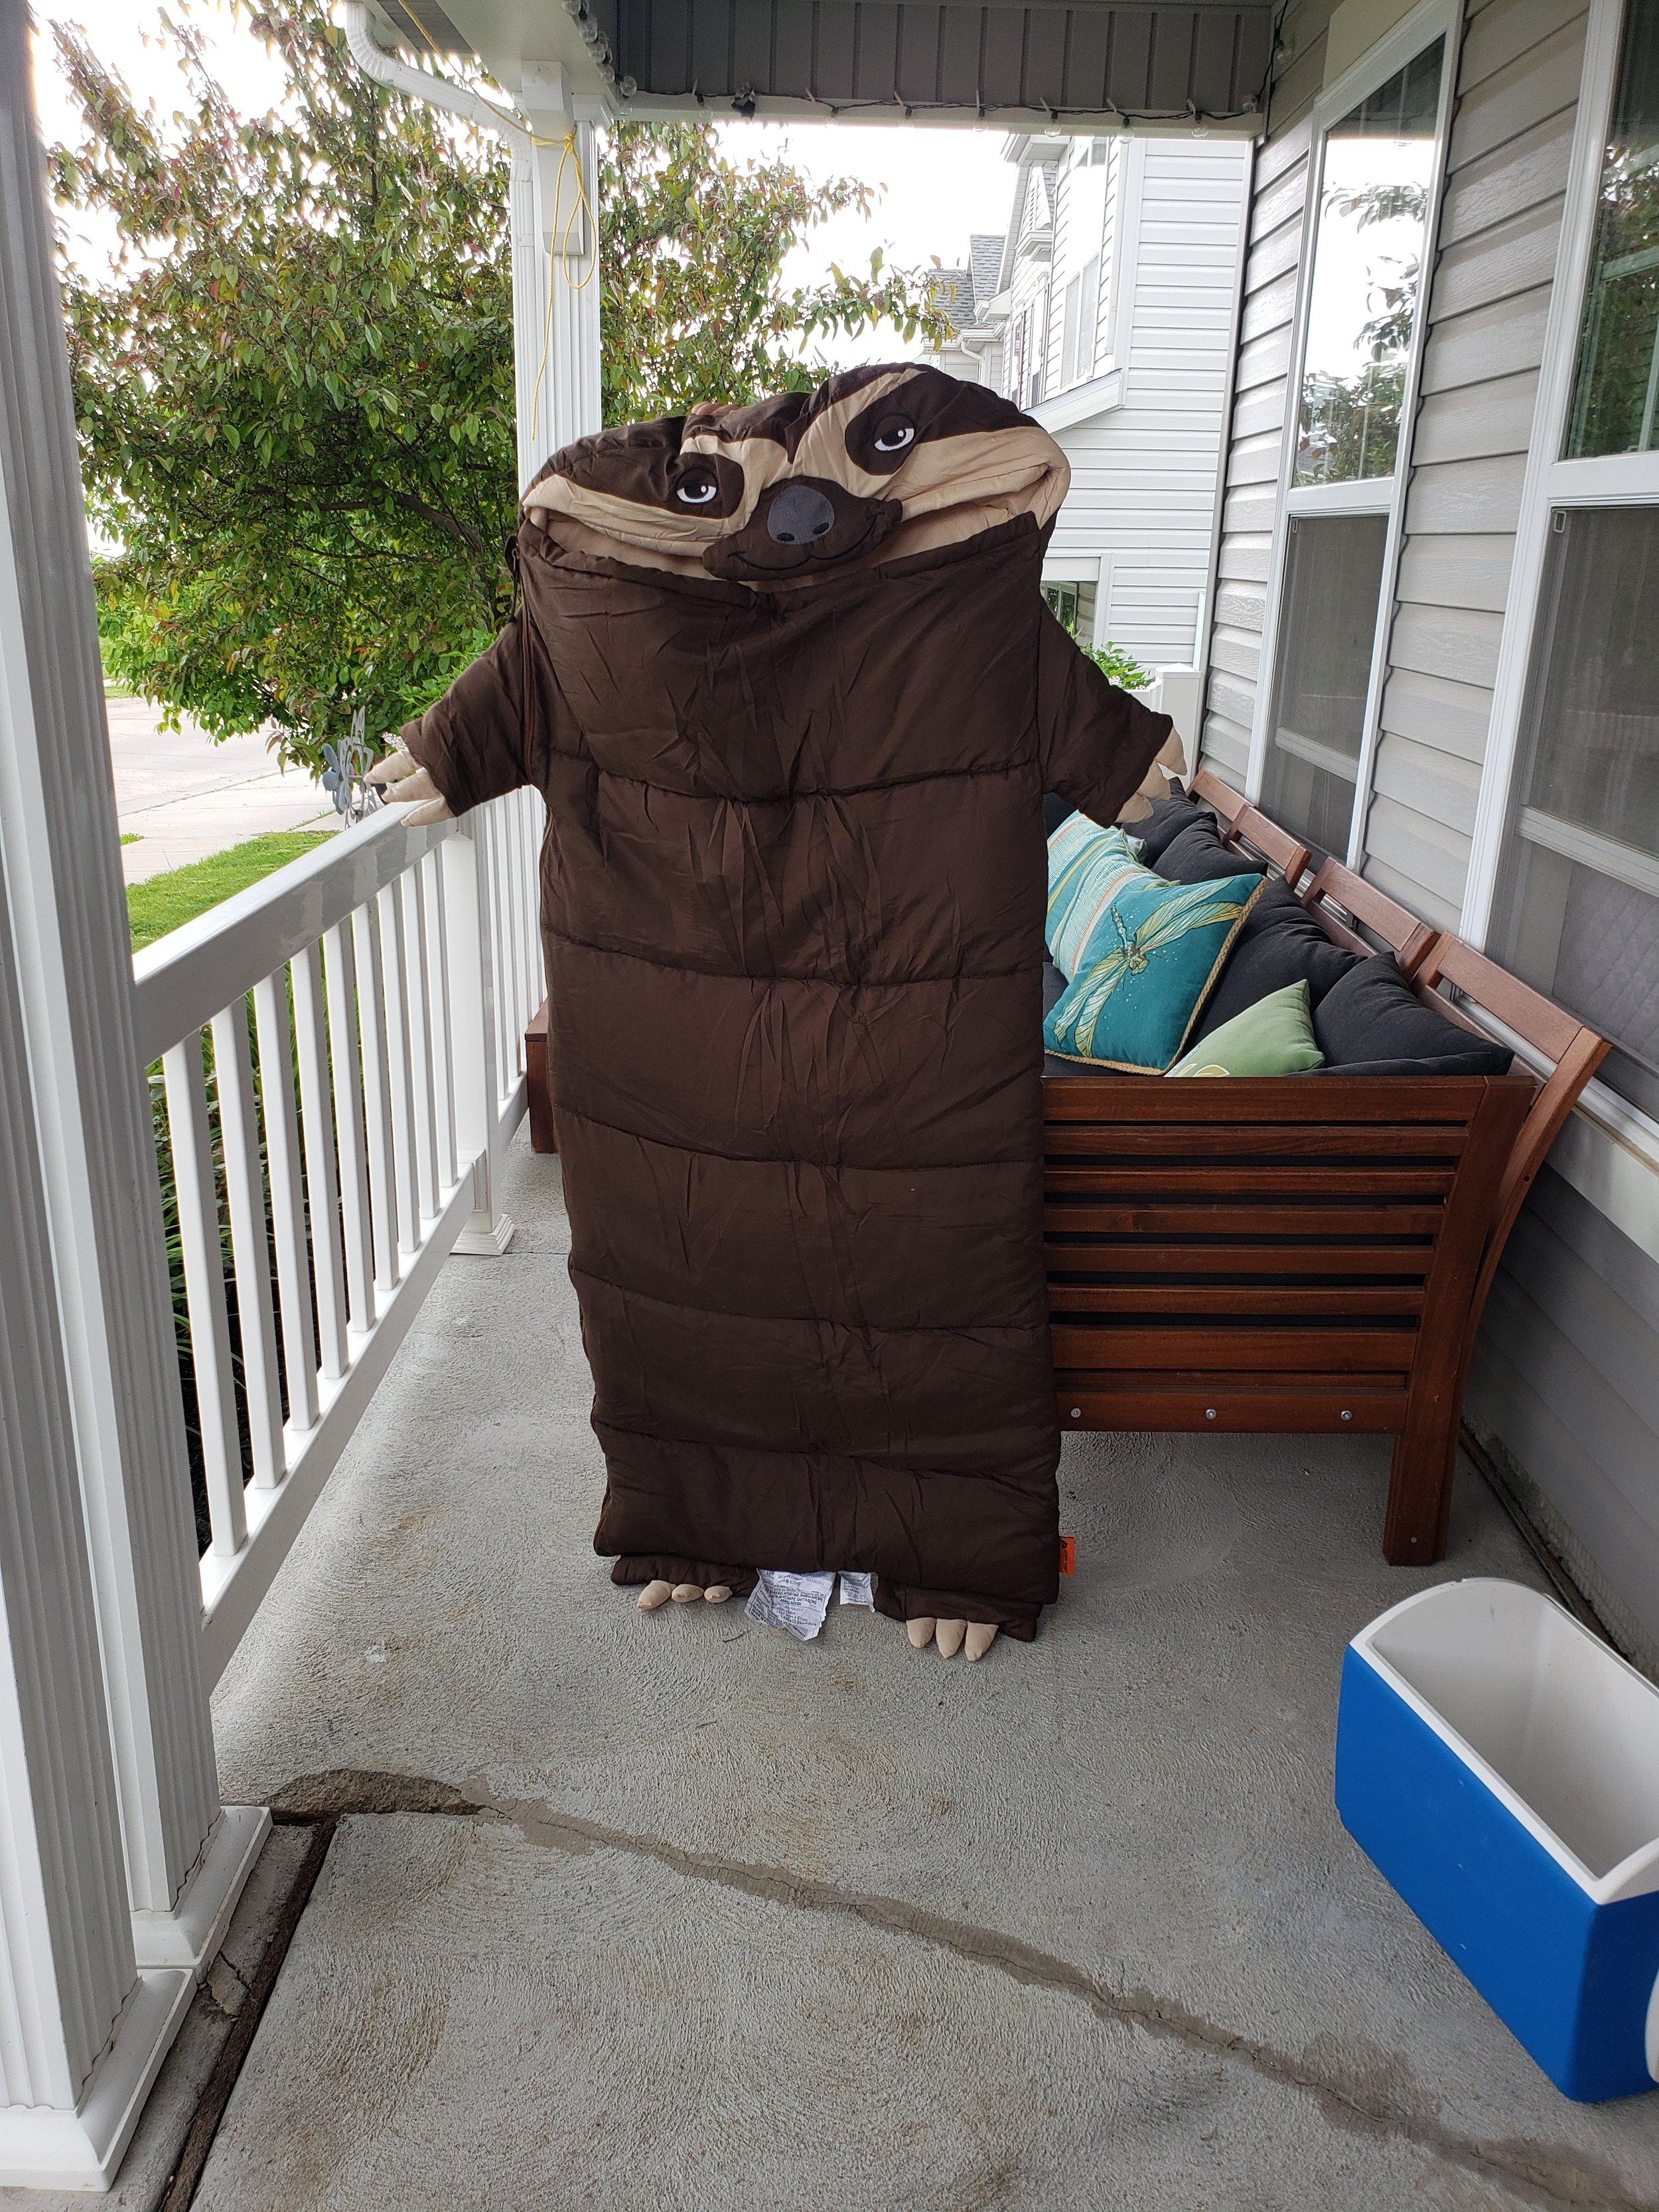 But look how cute D2's sleeping bag is squee!